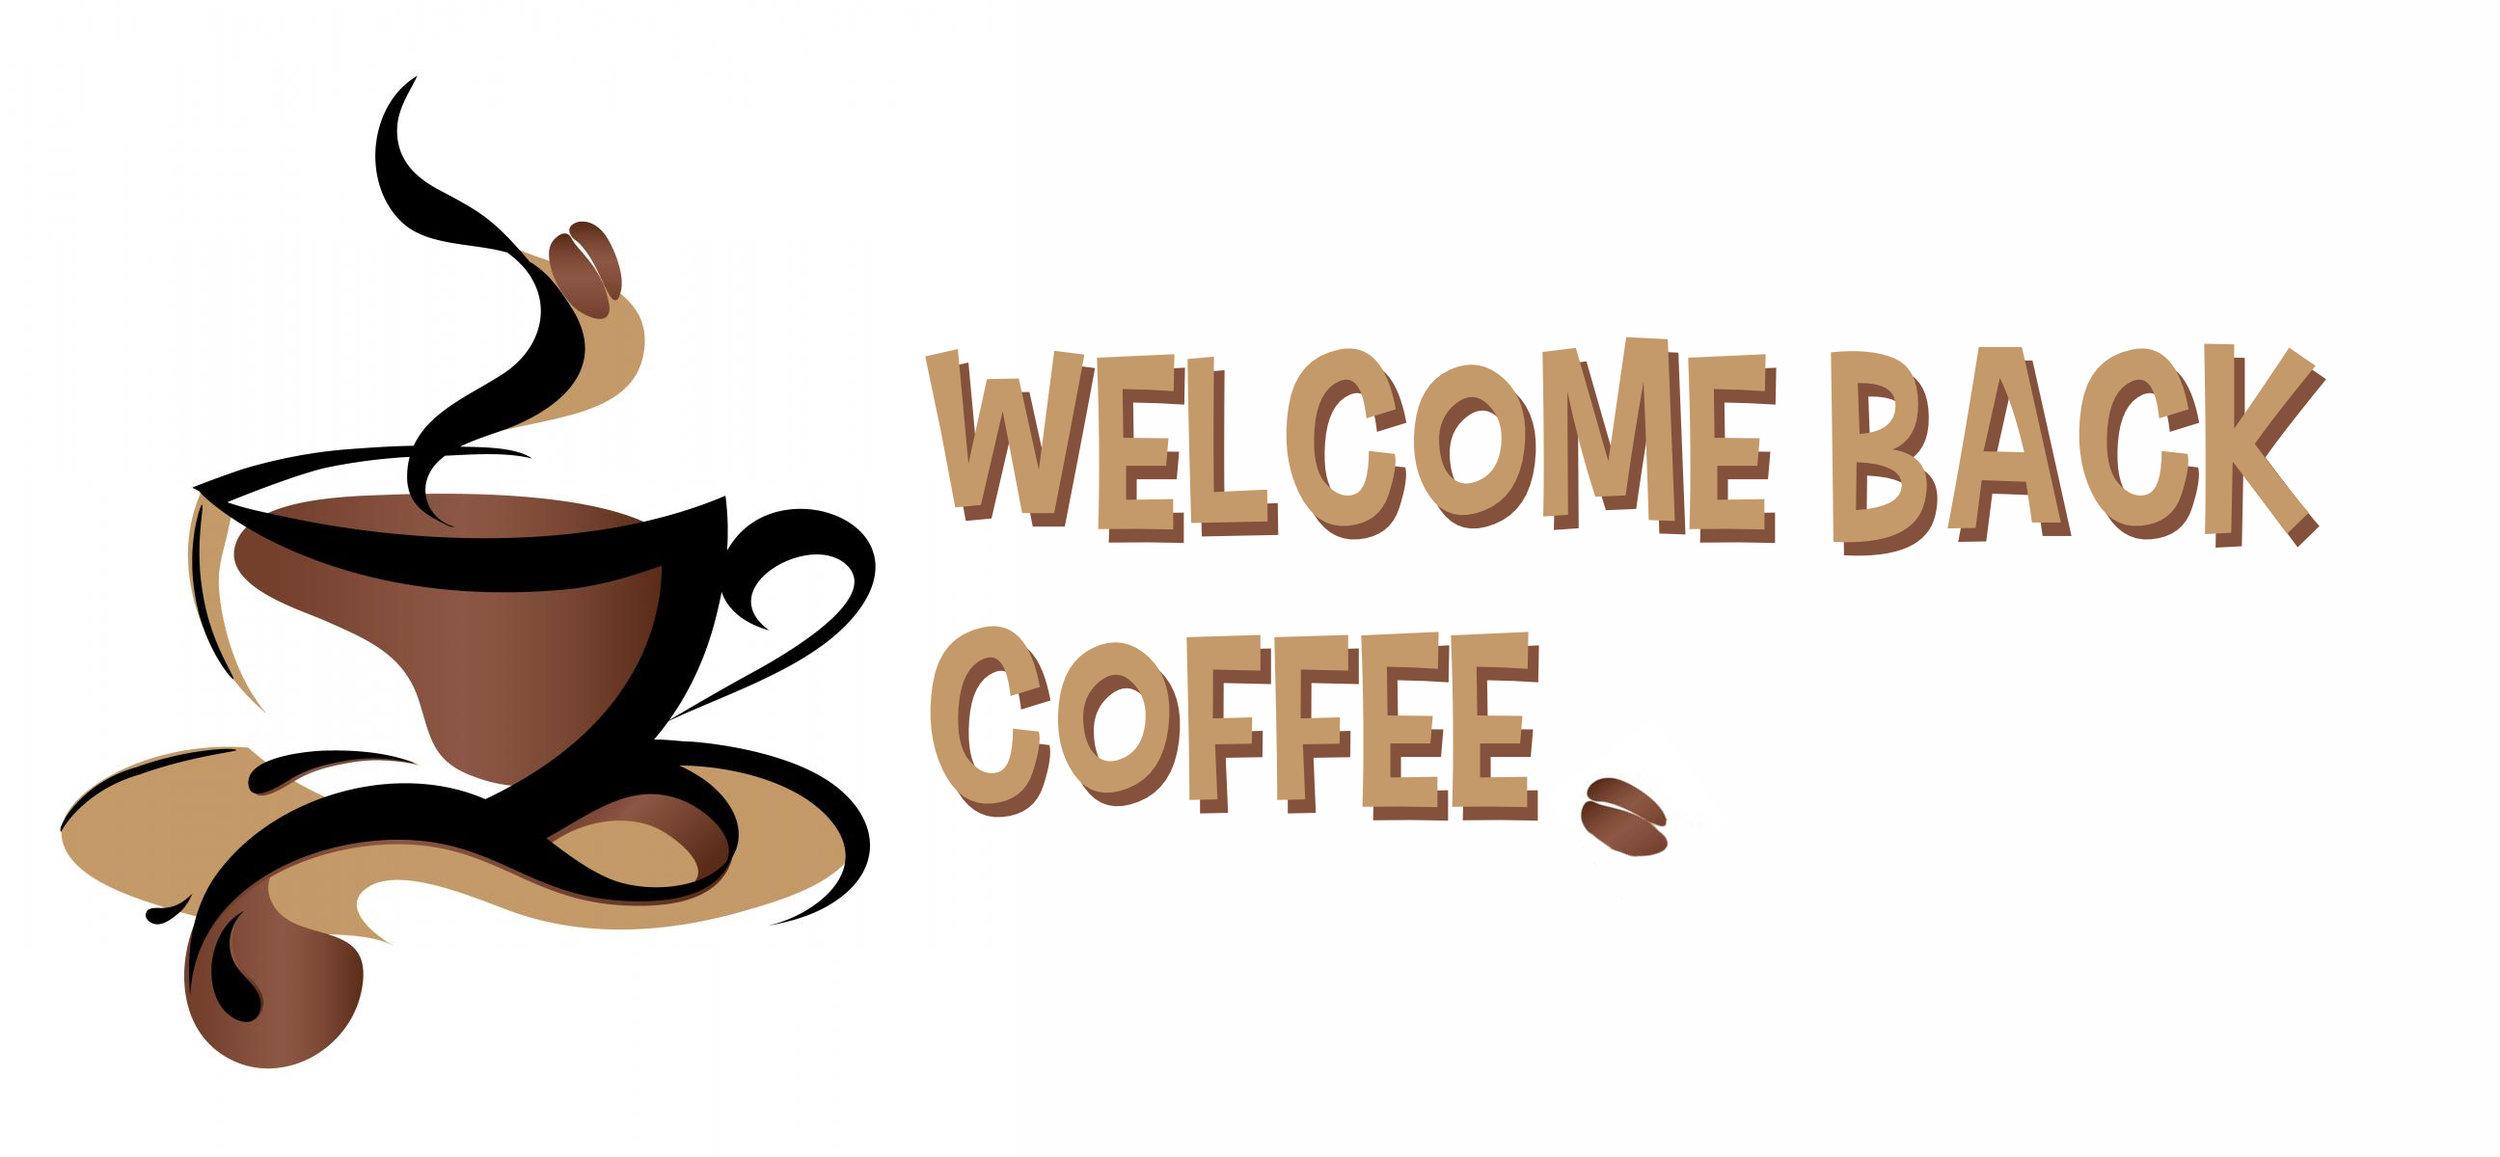 WelcomeBackCoffee.jpg